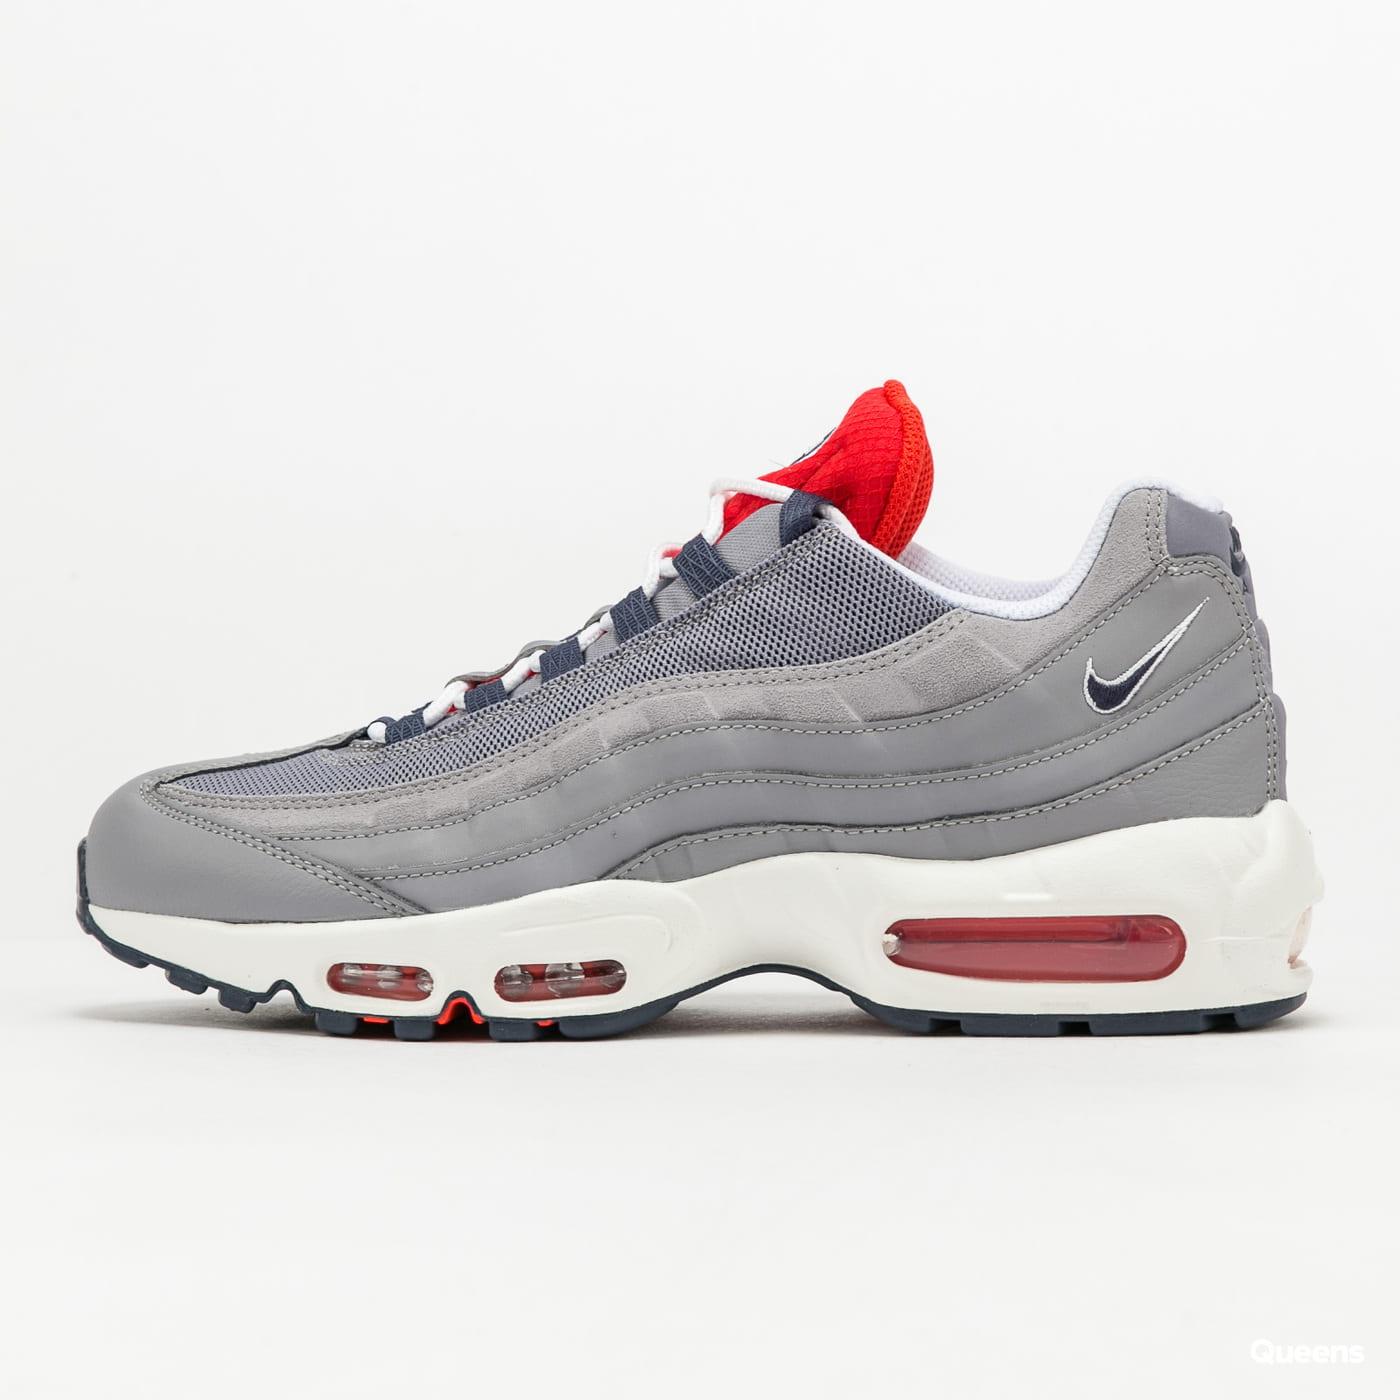 Nike Air Max 95 cement grey / thunder blue